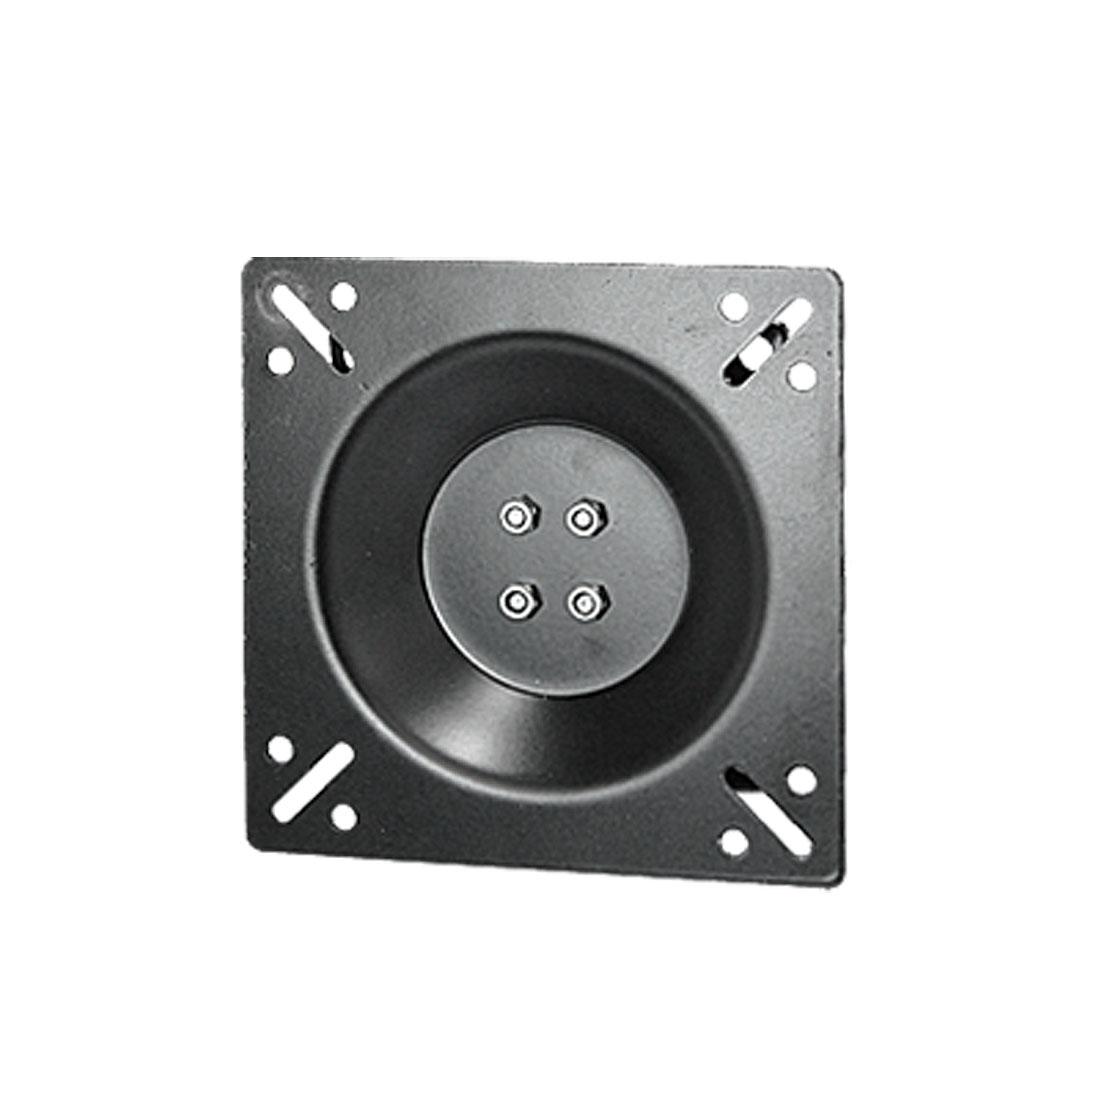 Black Tilt Swivel TV LCD LED Plasma Wall Mount Bracket 17 19 21 26 27 32